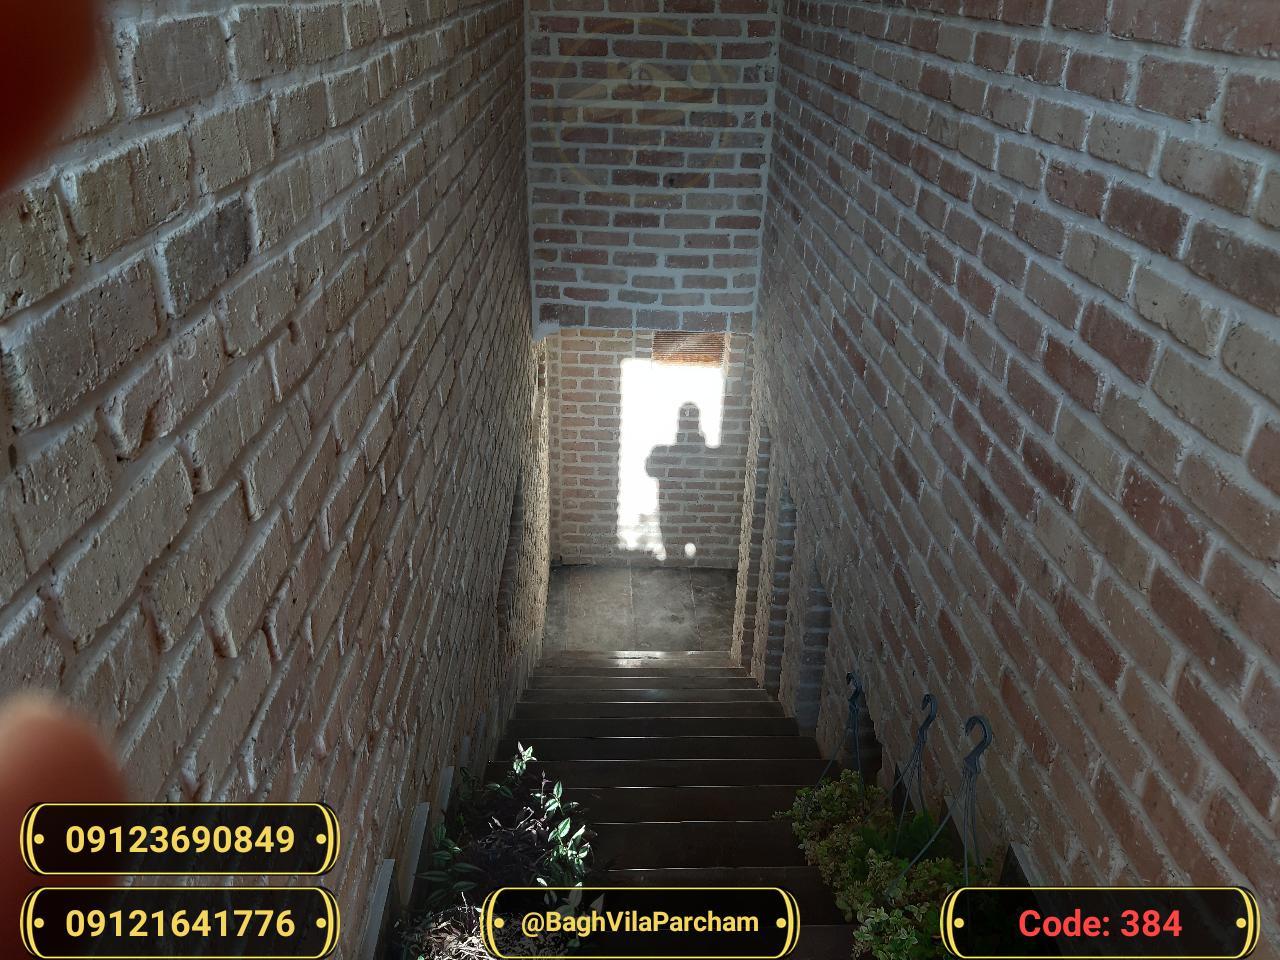 تصویر عکس باغ ویلا شماره 6 از ویلای ۶۰۰ متر ویلا Picture photo image 6 of ۶۰۰ متر ویلا